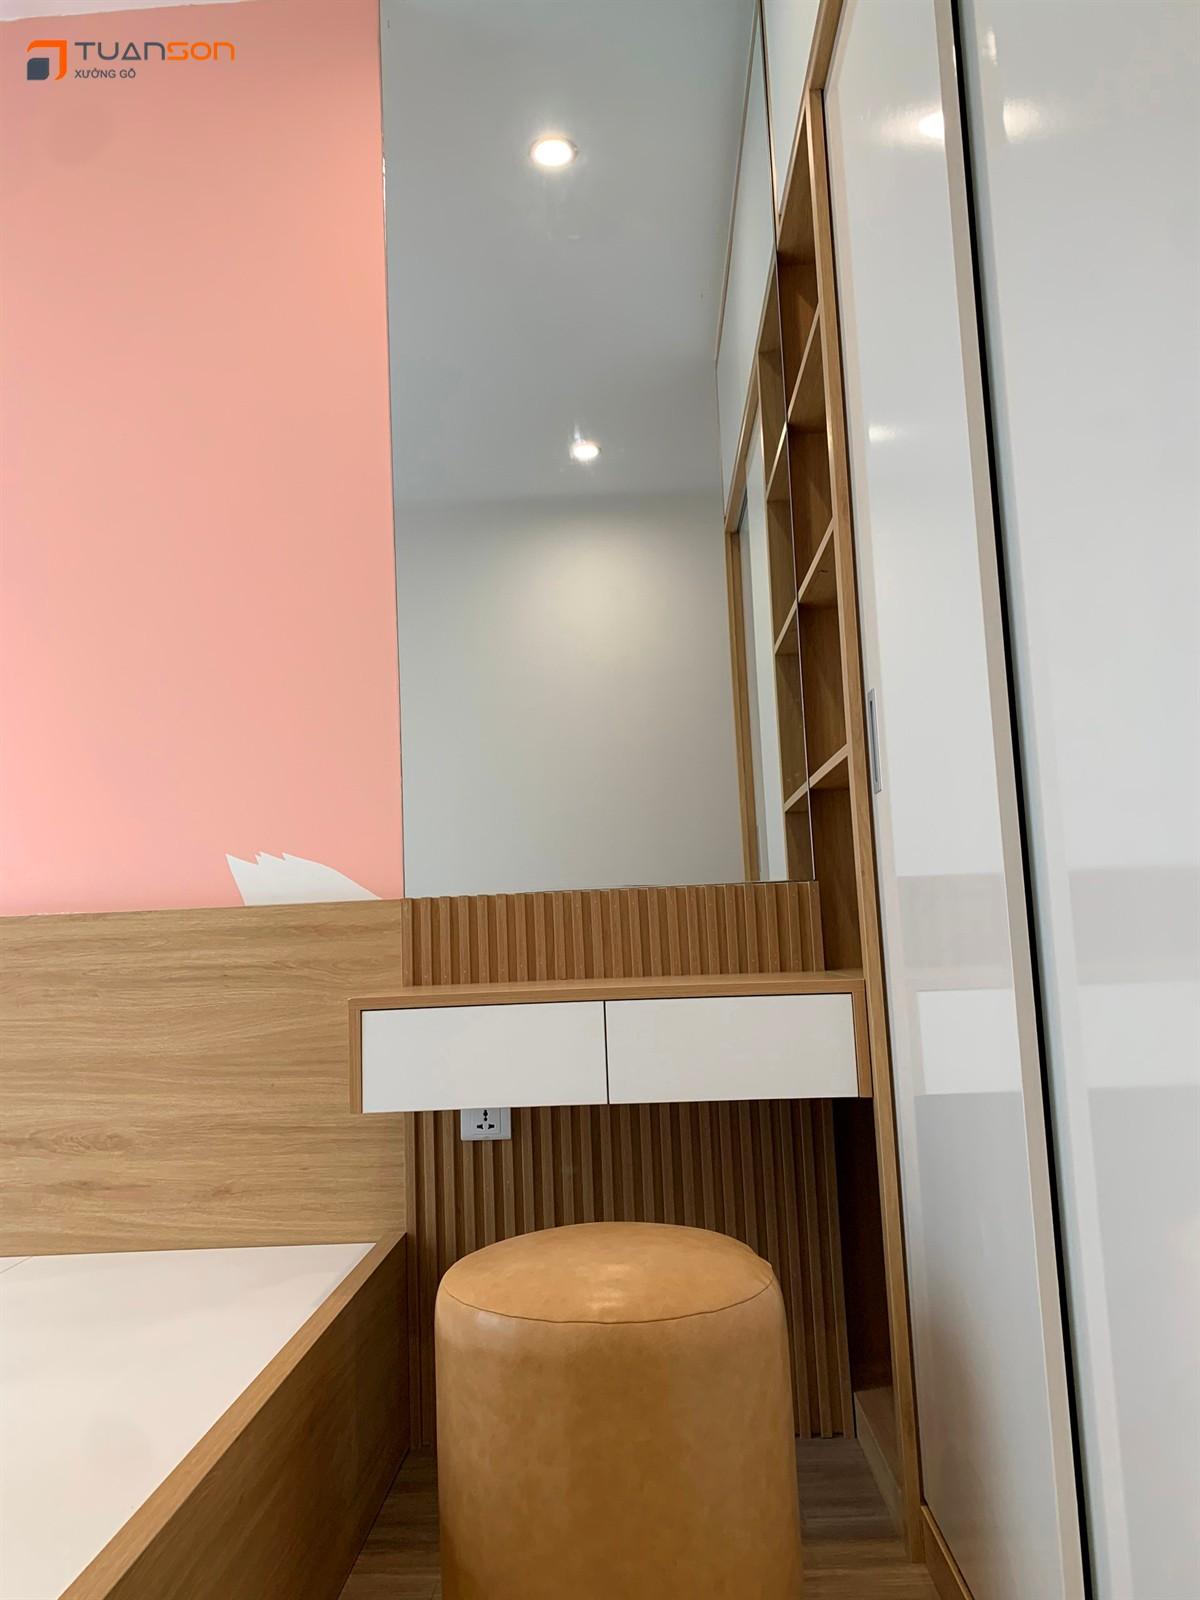 Bàn giao công trình thi công nội thất 43m2 (1PN+1) S1.03-12 Vinhomes OCean Park